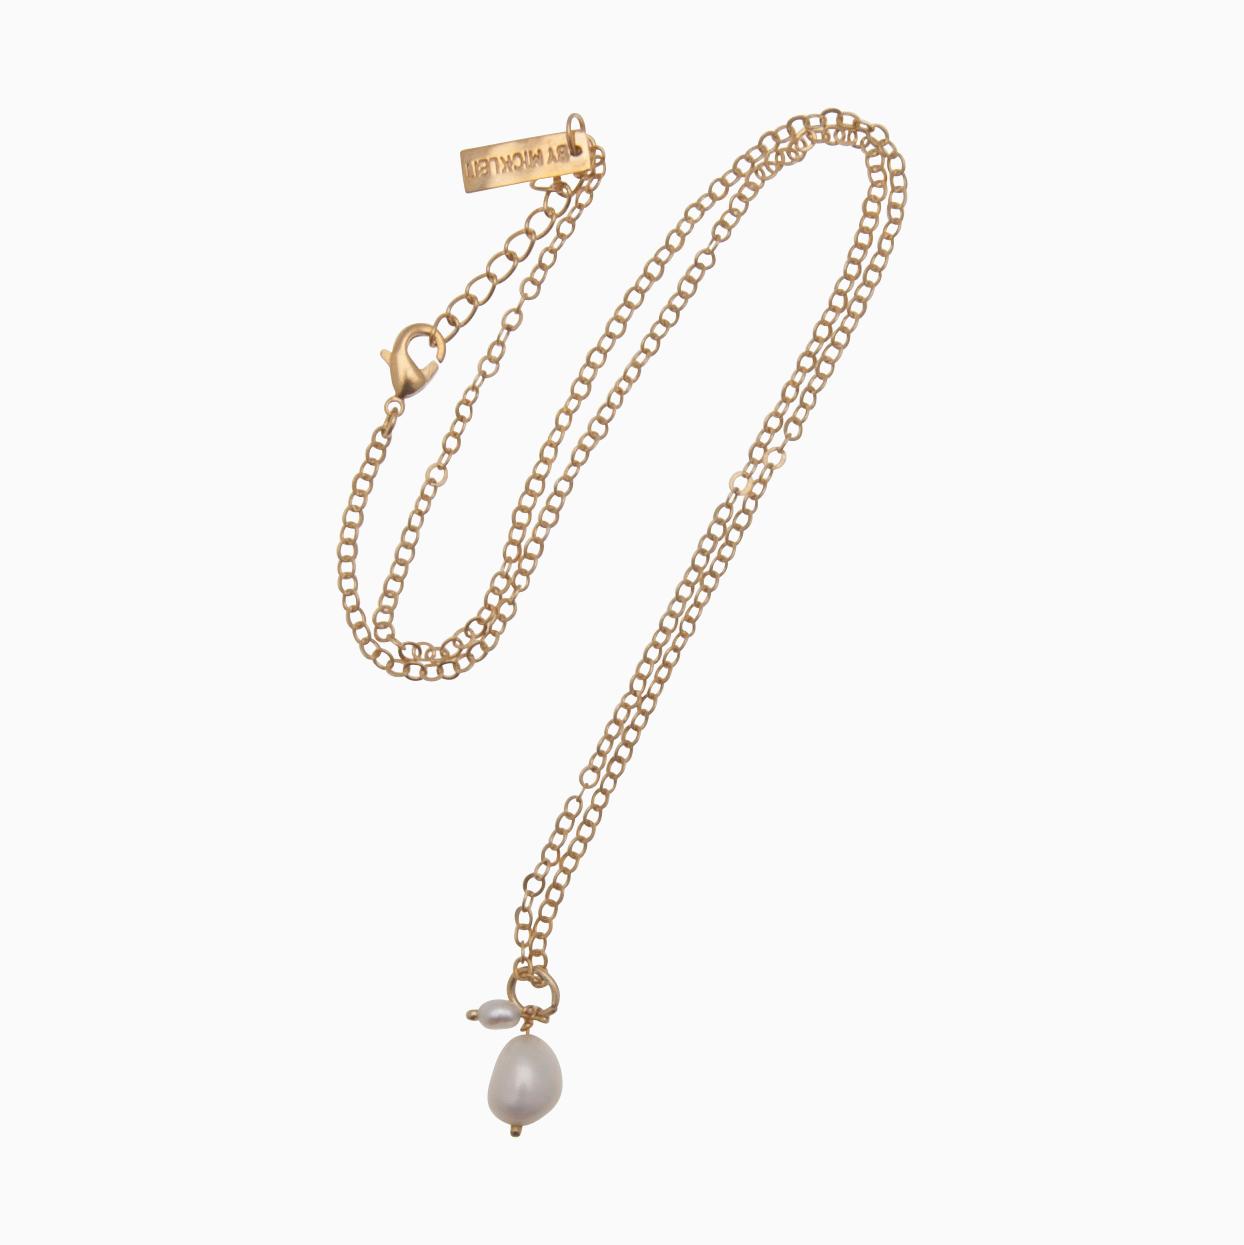 Halskæde med vedhæng af perler, guld | no. 859